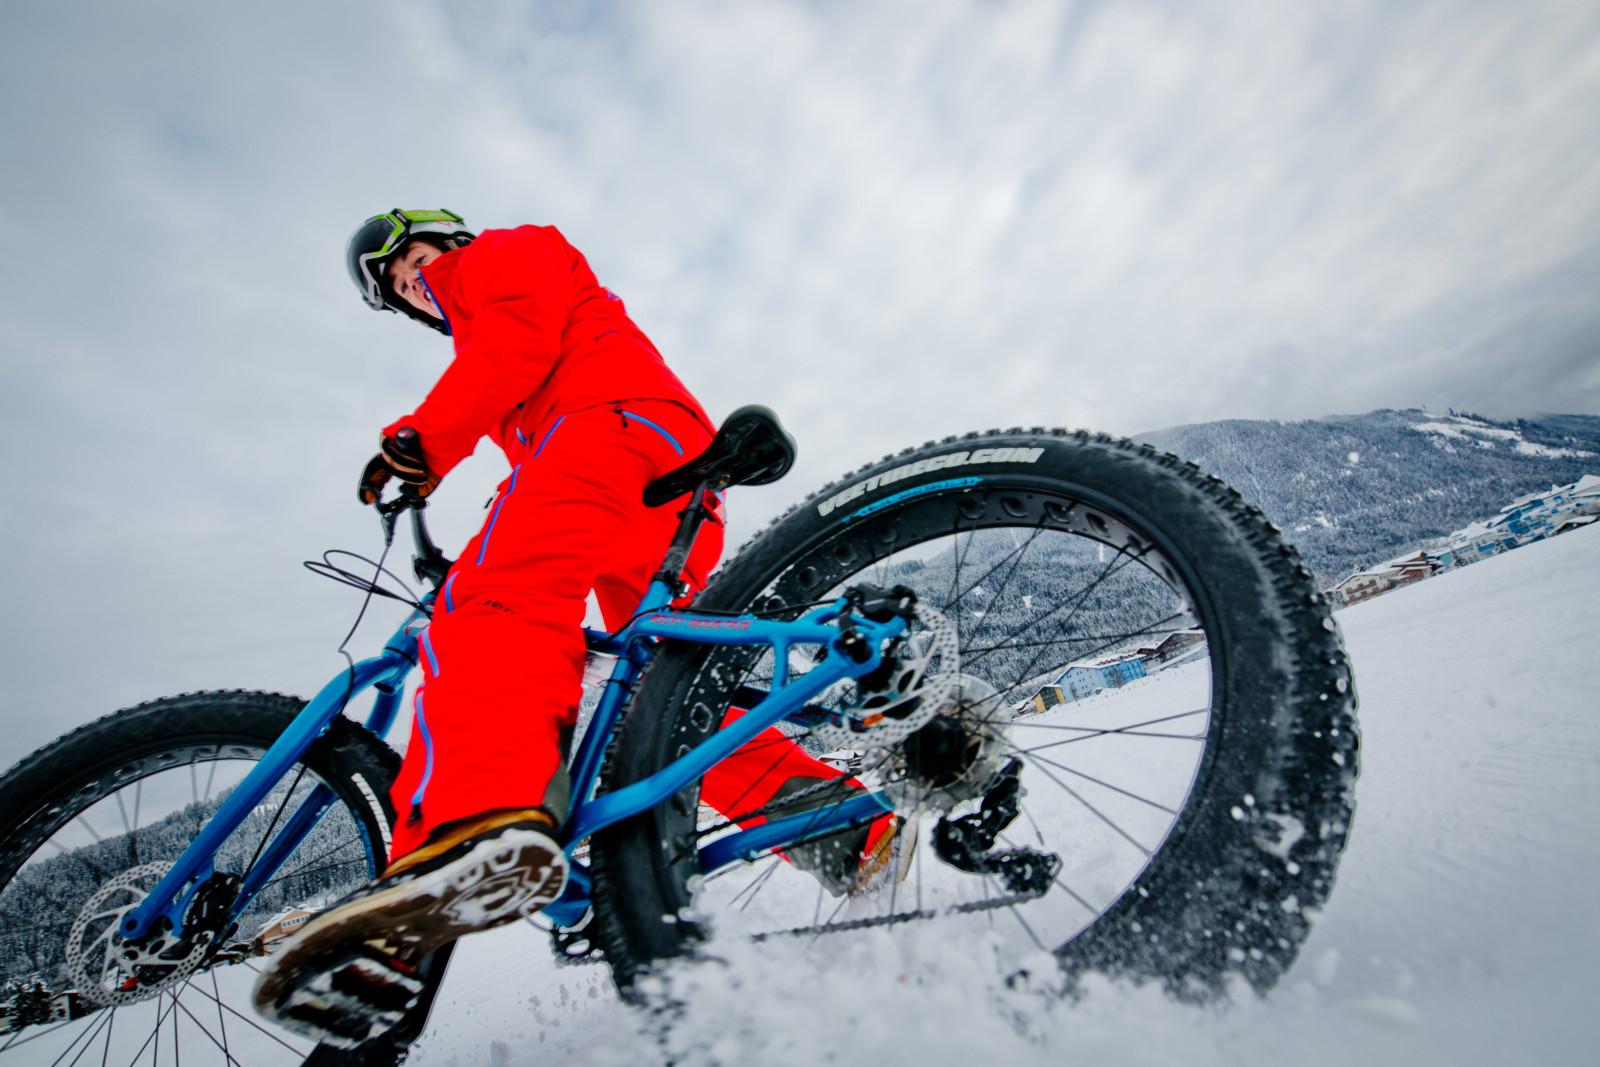 Fatbike, Fun&Pro, Funsport, Schnee, Winter, Wintersport, Wintertourismus,  Rad, Urlaub, Tourismus, Flachau, Salzburg, 20160109, (c)wildbild